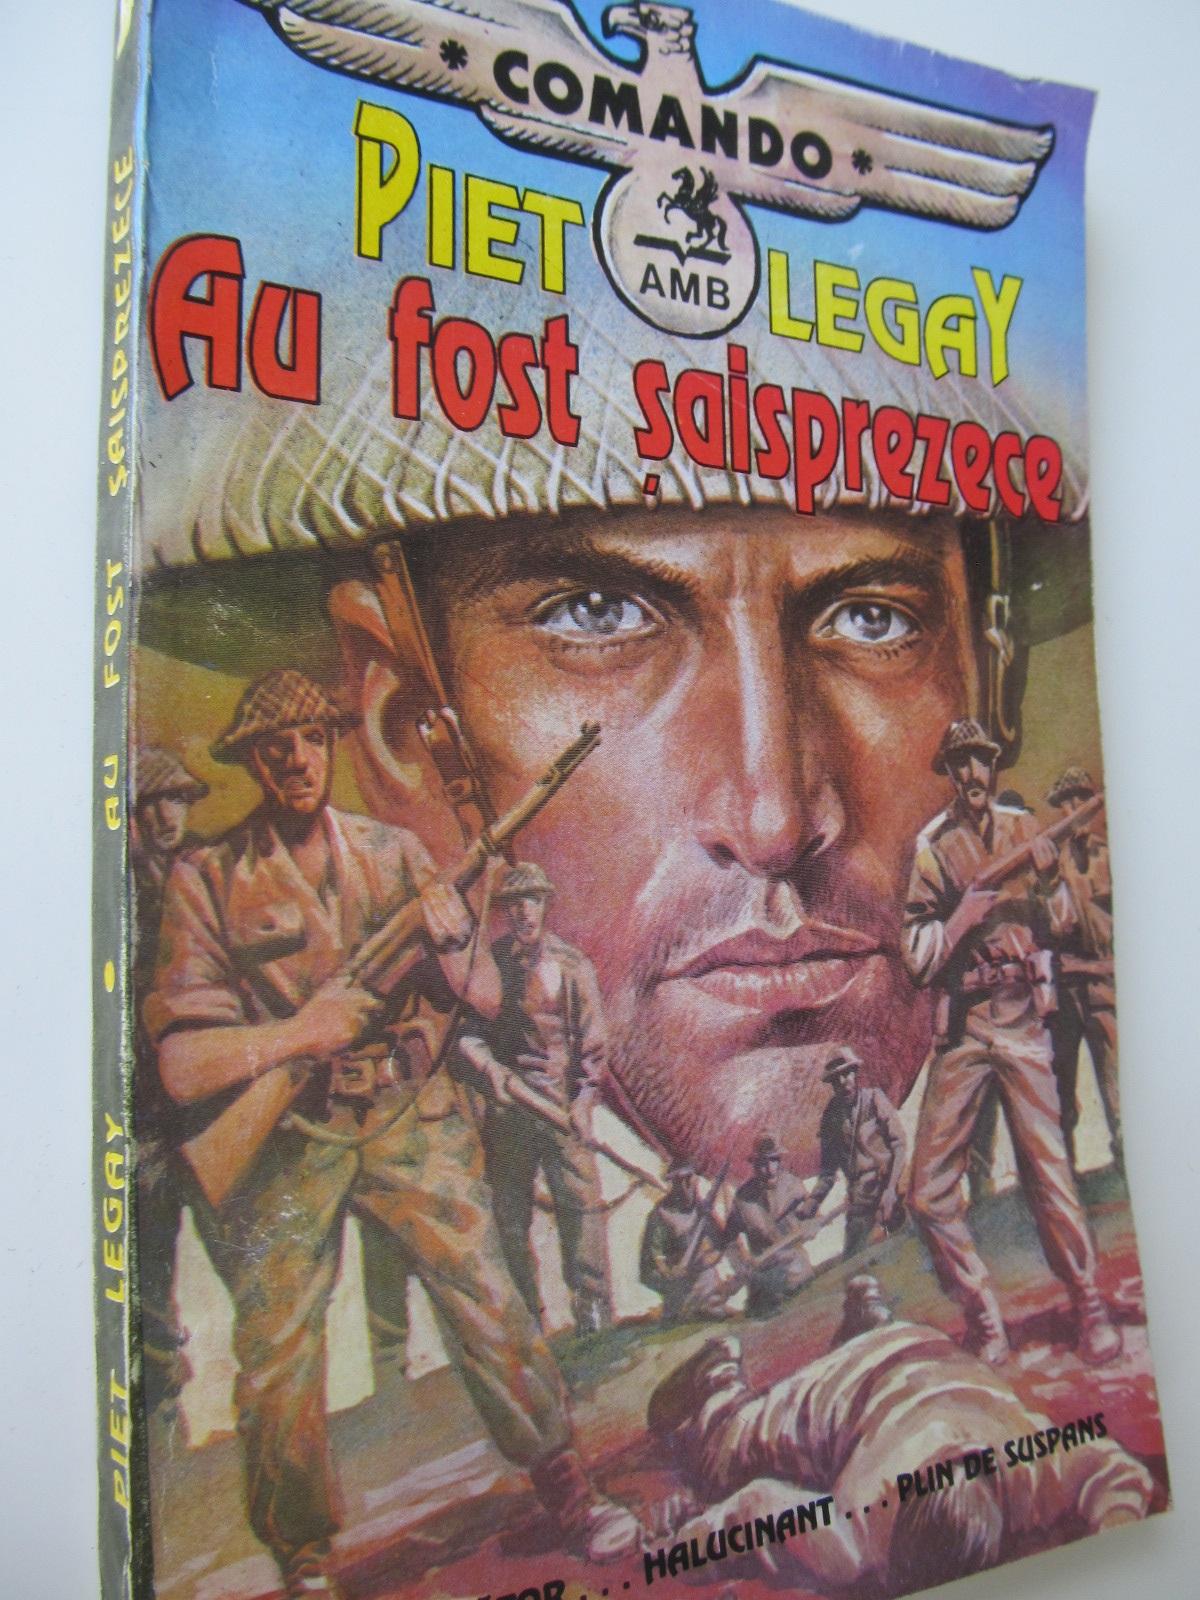 Au fost saisprezece - Piet Legay   Detalii carte